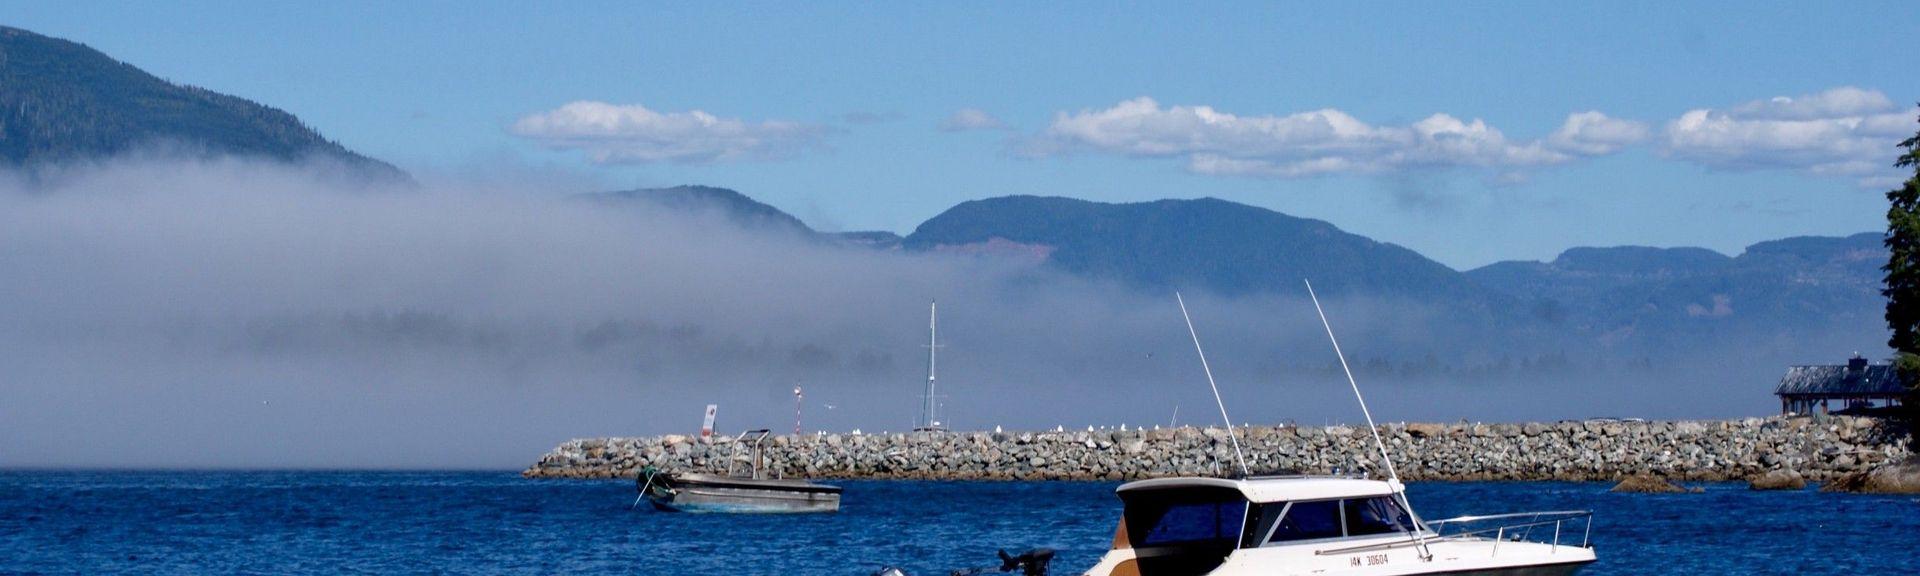 Port Renfrew, Colombie-Britannique, Canada